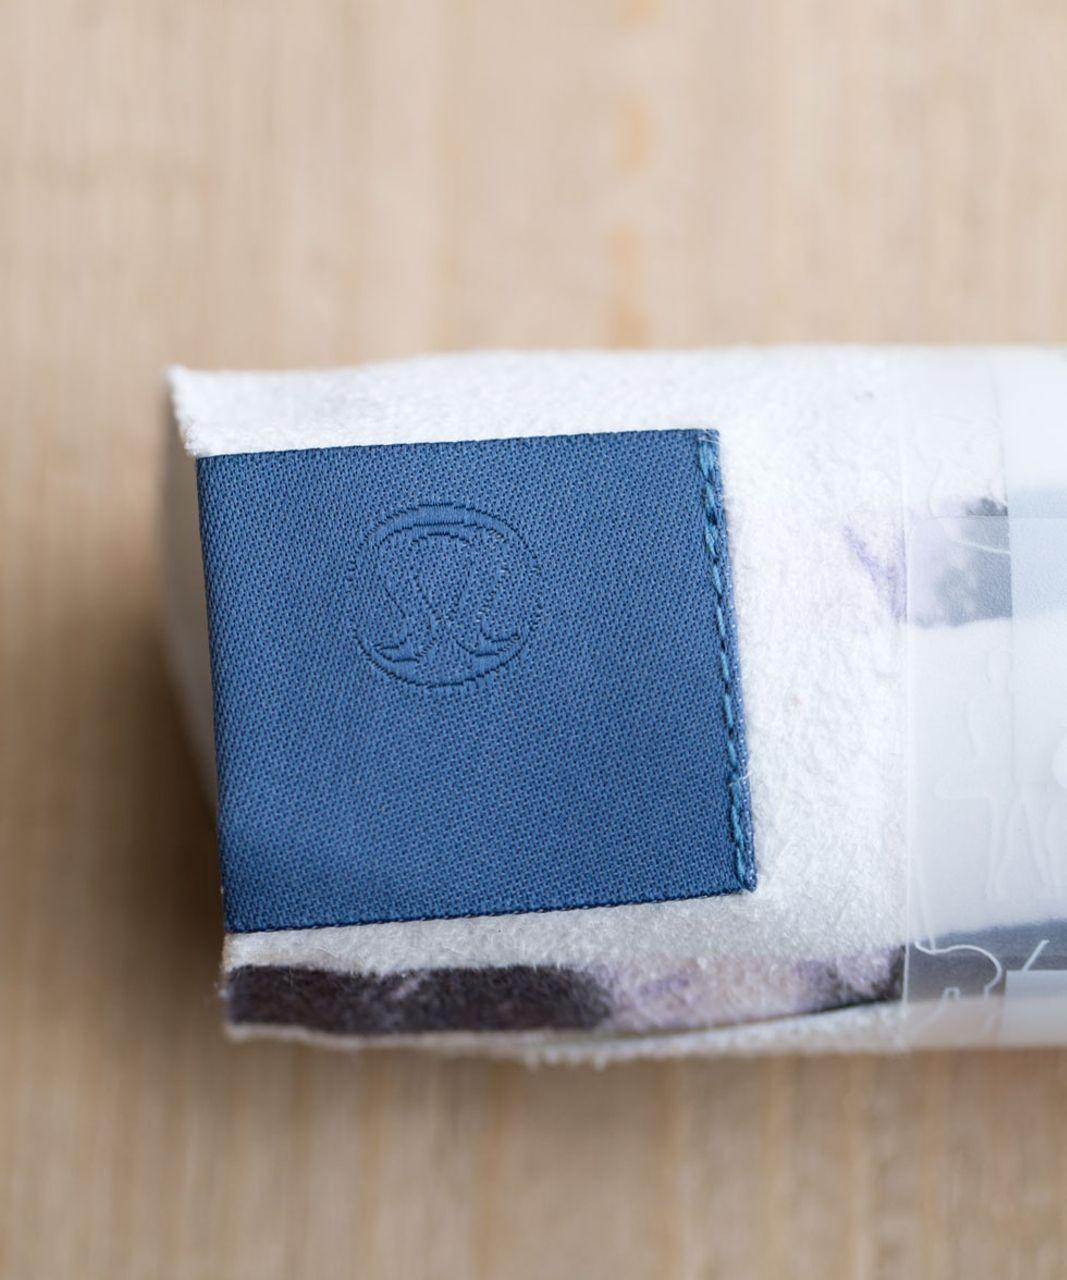 Lululemon The (Small) Towel - Sunset Stripe Blush Quartz Multi